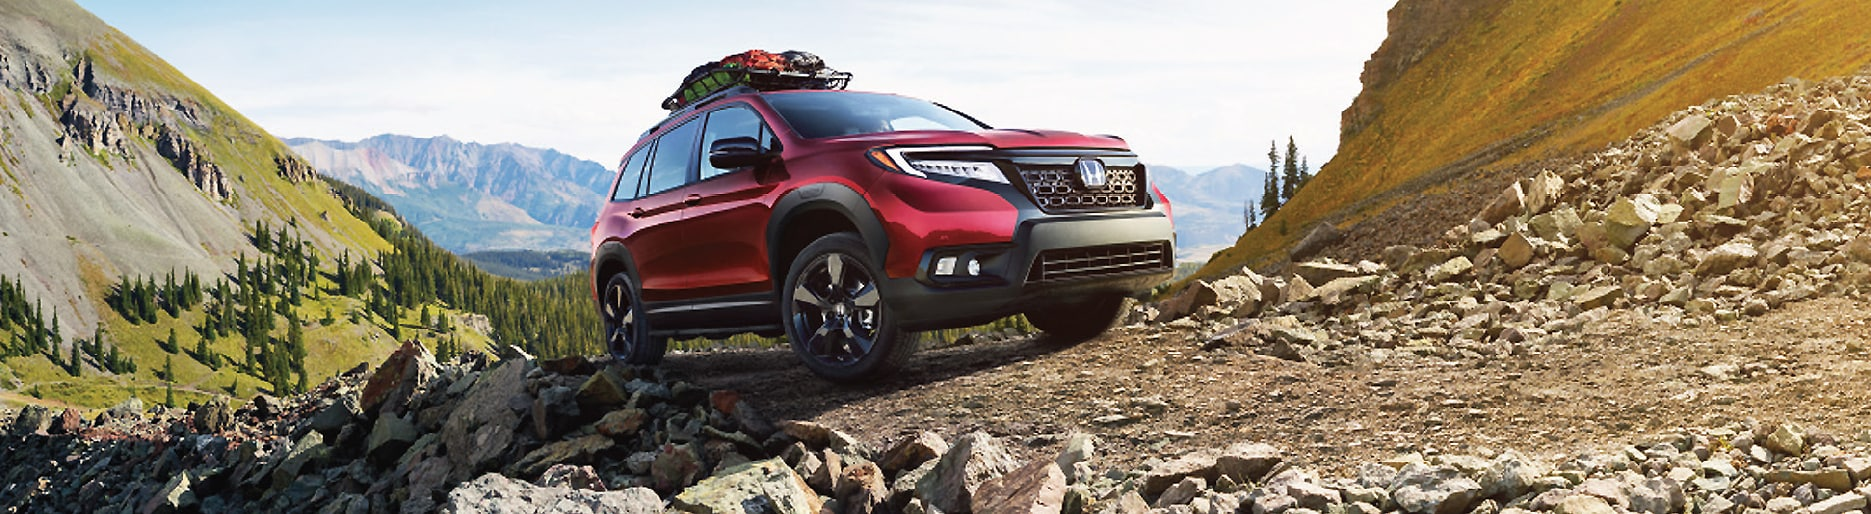 Superior Hyundai Beavercreek >> New & Used Car Dealers in Cincinnati | Acura, Honda, Hyundai, Kia & Genesis